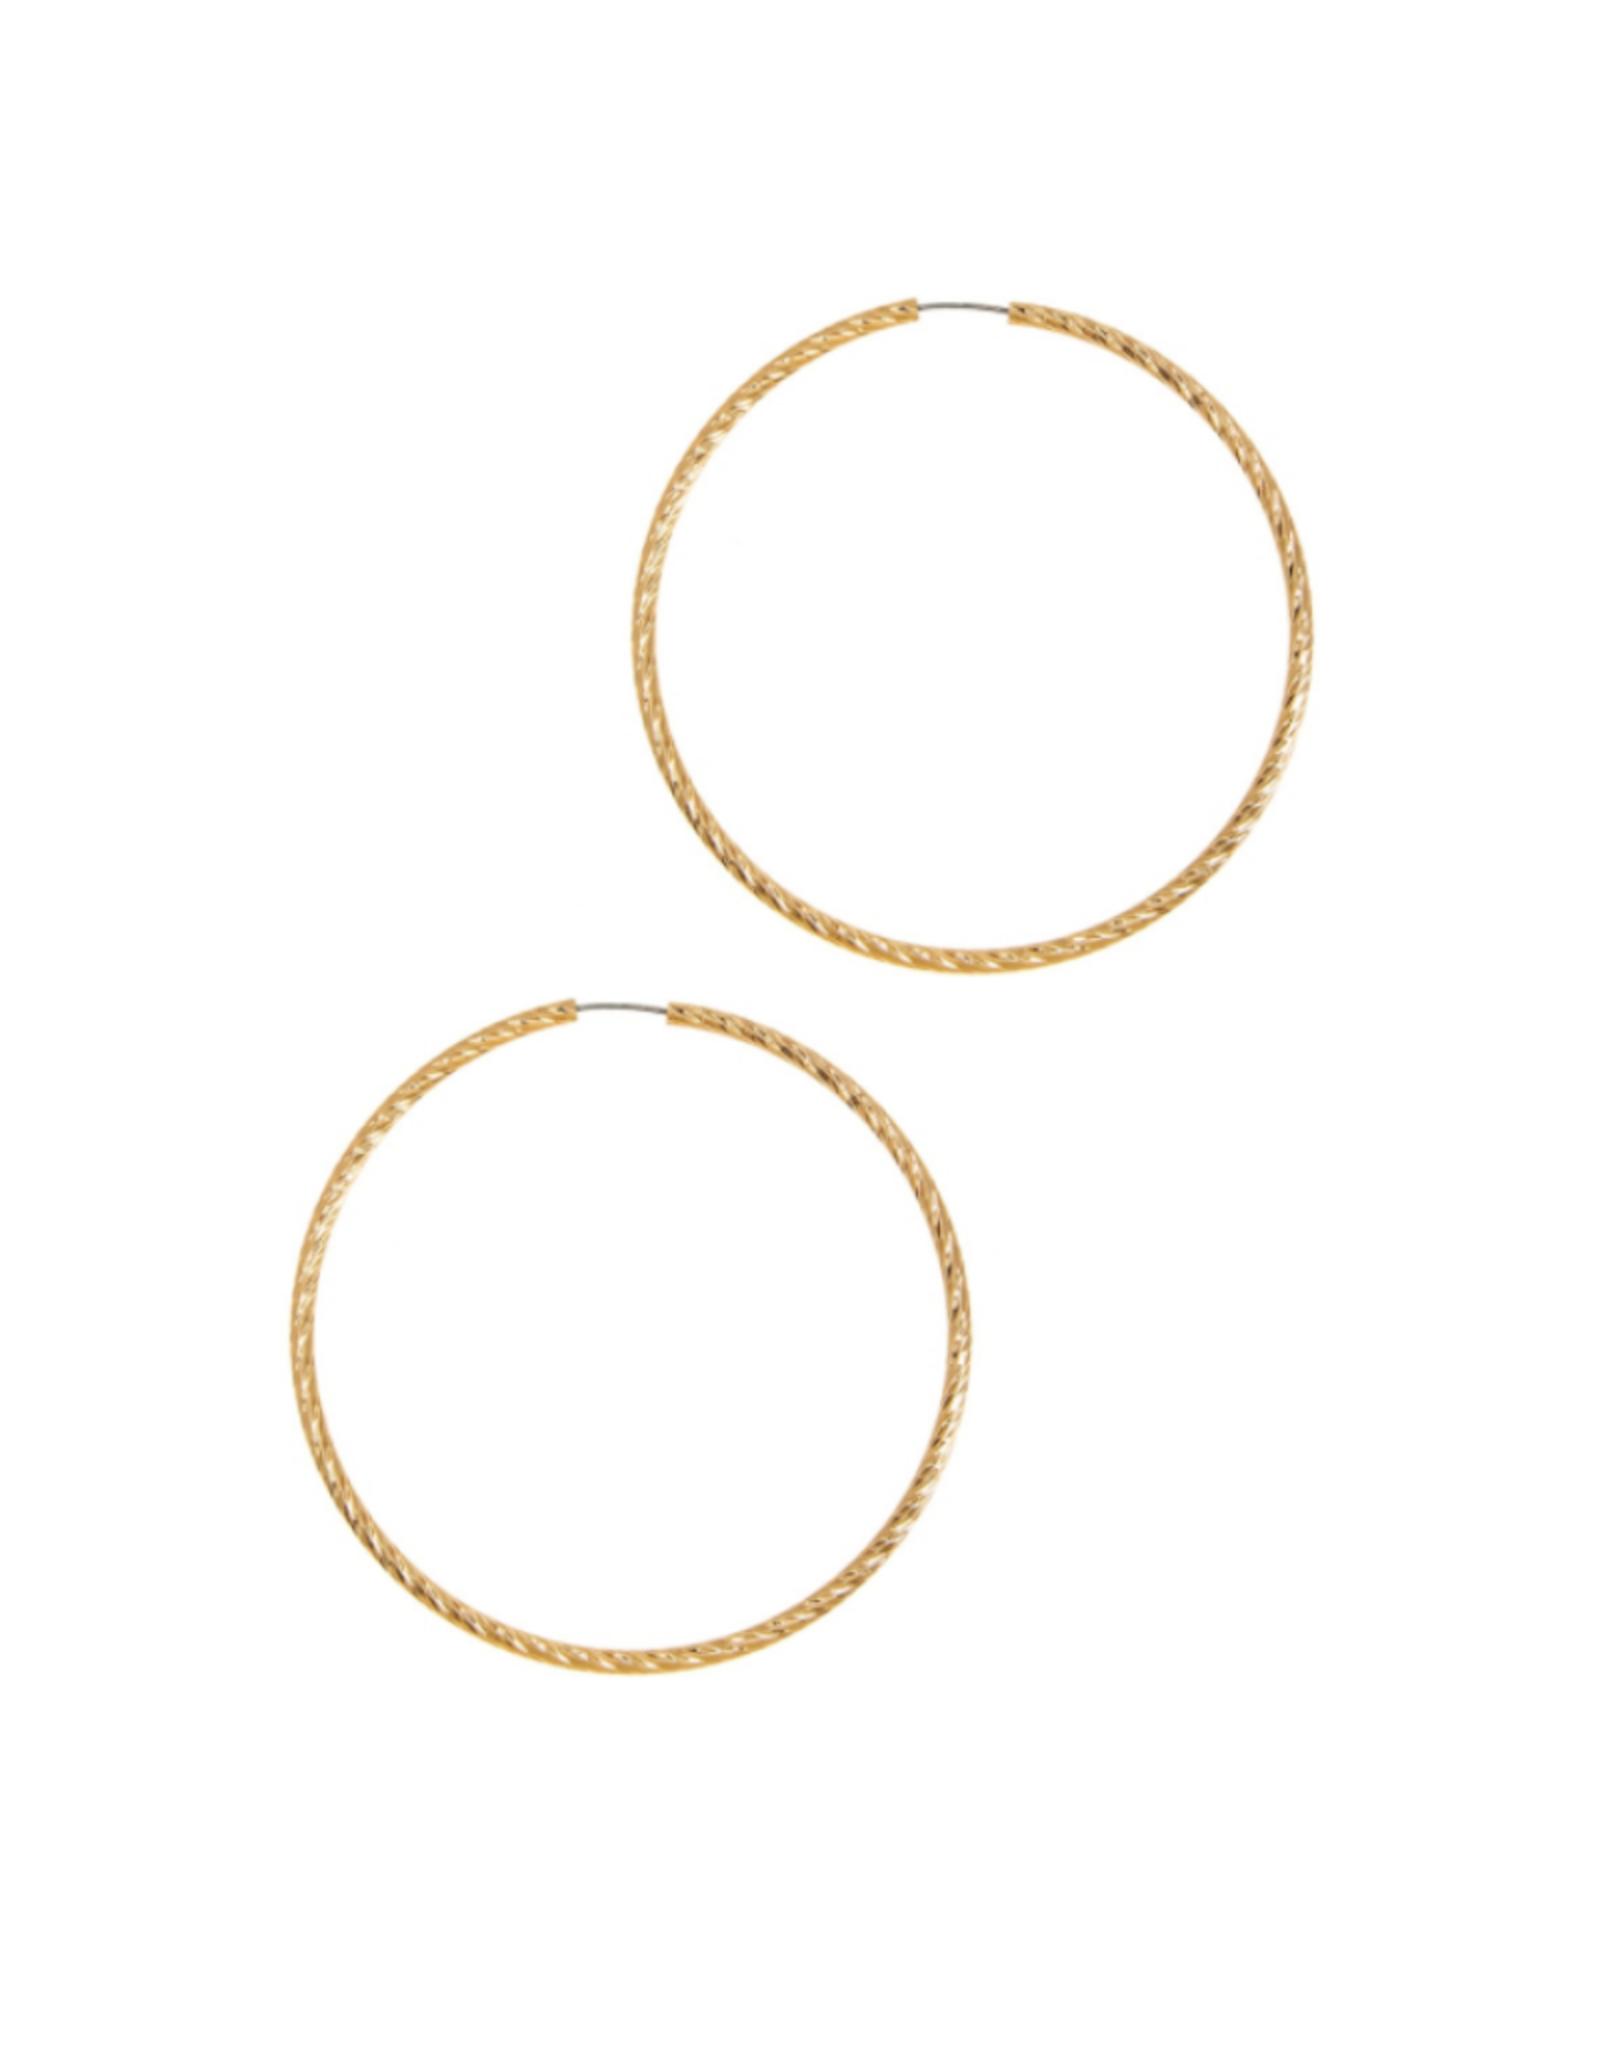 EARRINGS-TEXTURED HOOP 80MM